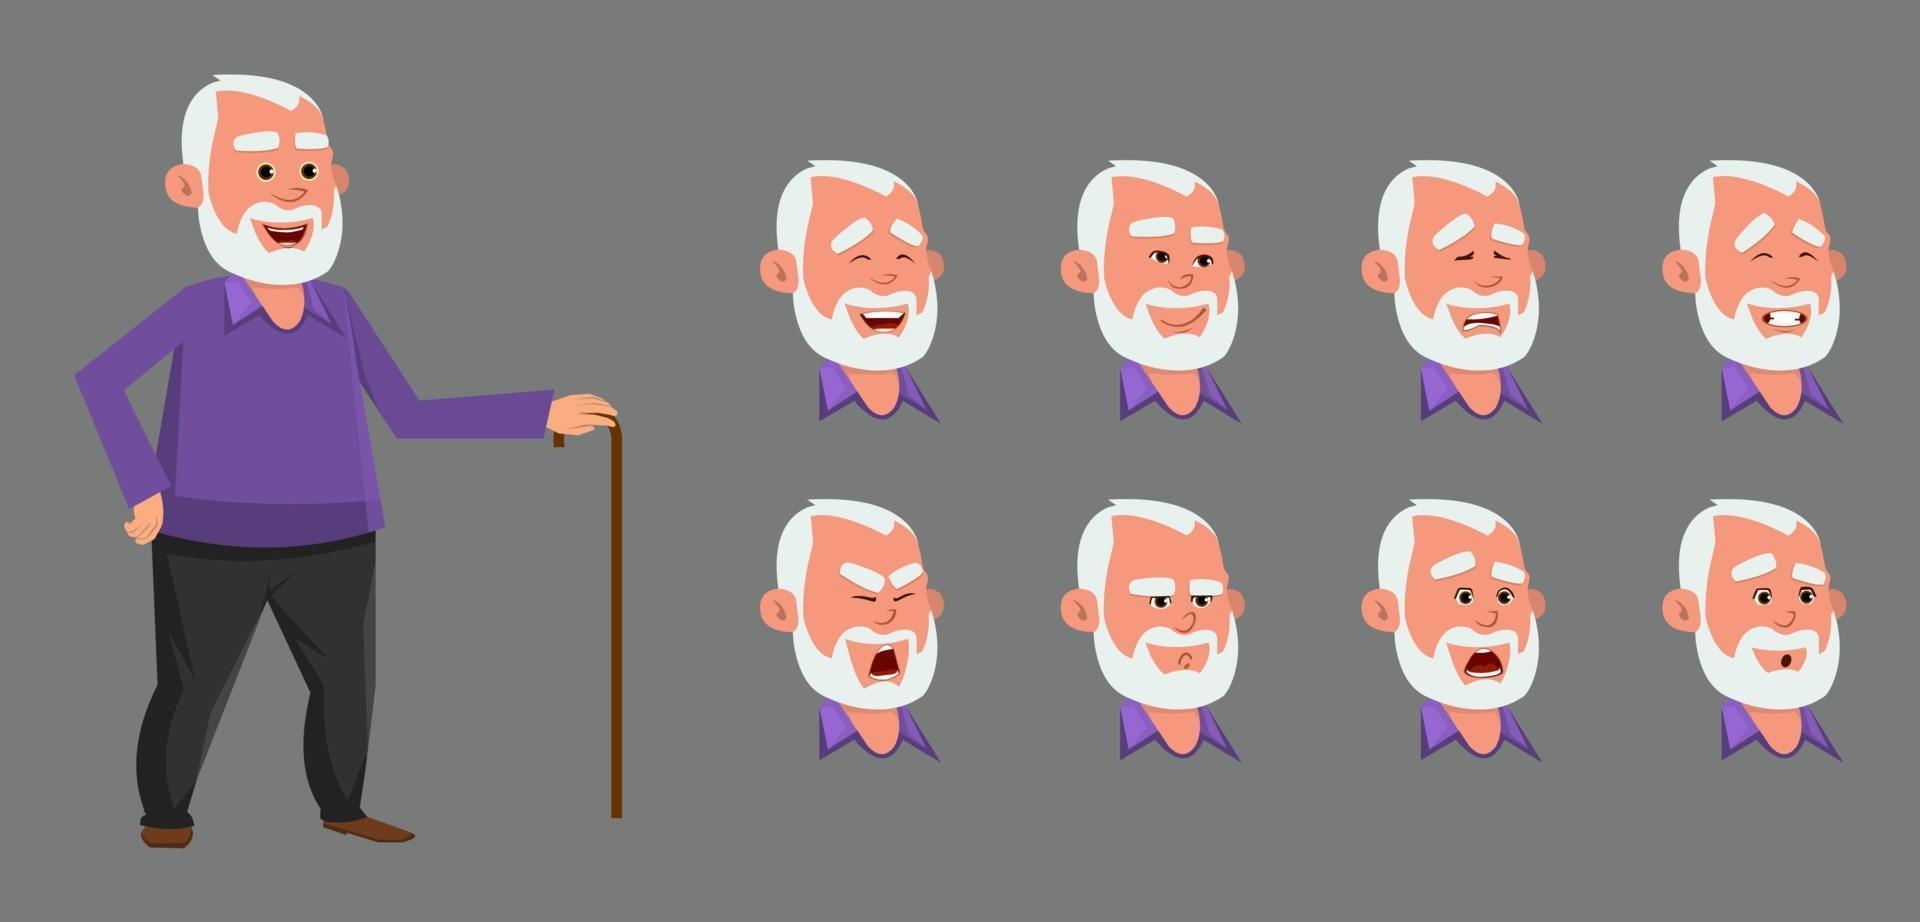 personnage de vieil homme avec différentes émotions et expressions. vecteur